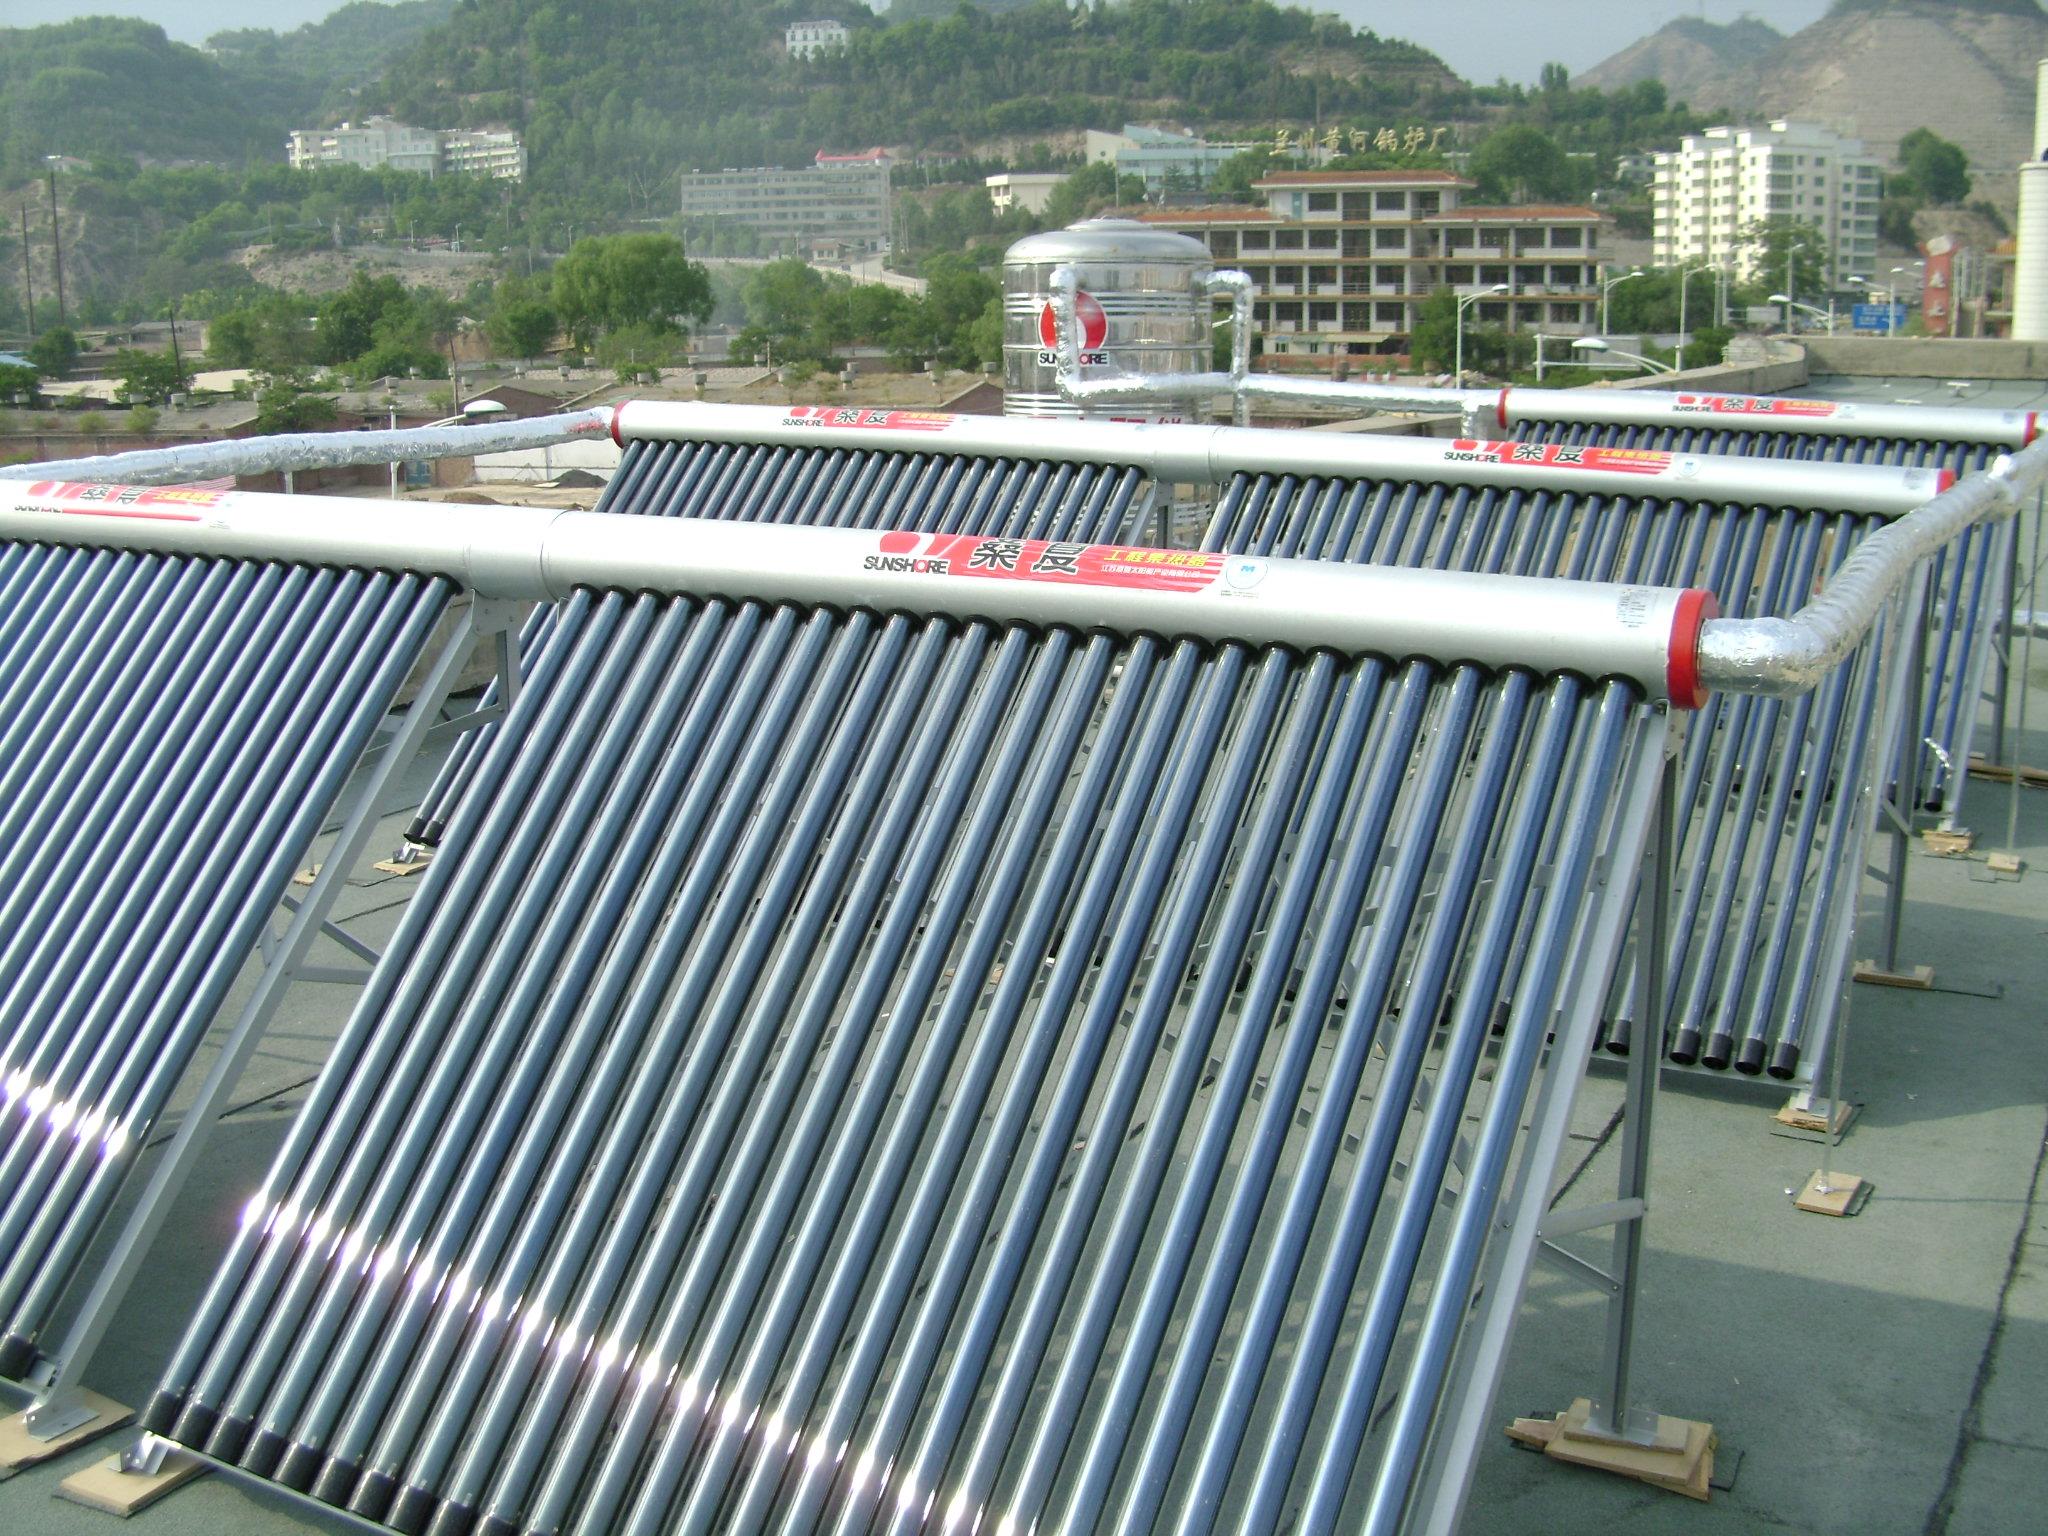 宁夏太阳能采暖哪家好 兰州地区合格的太阳能热水器供应商